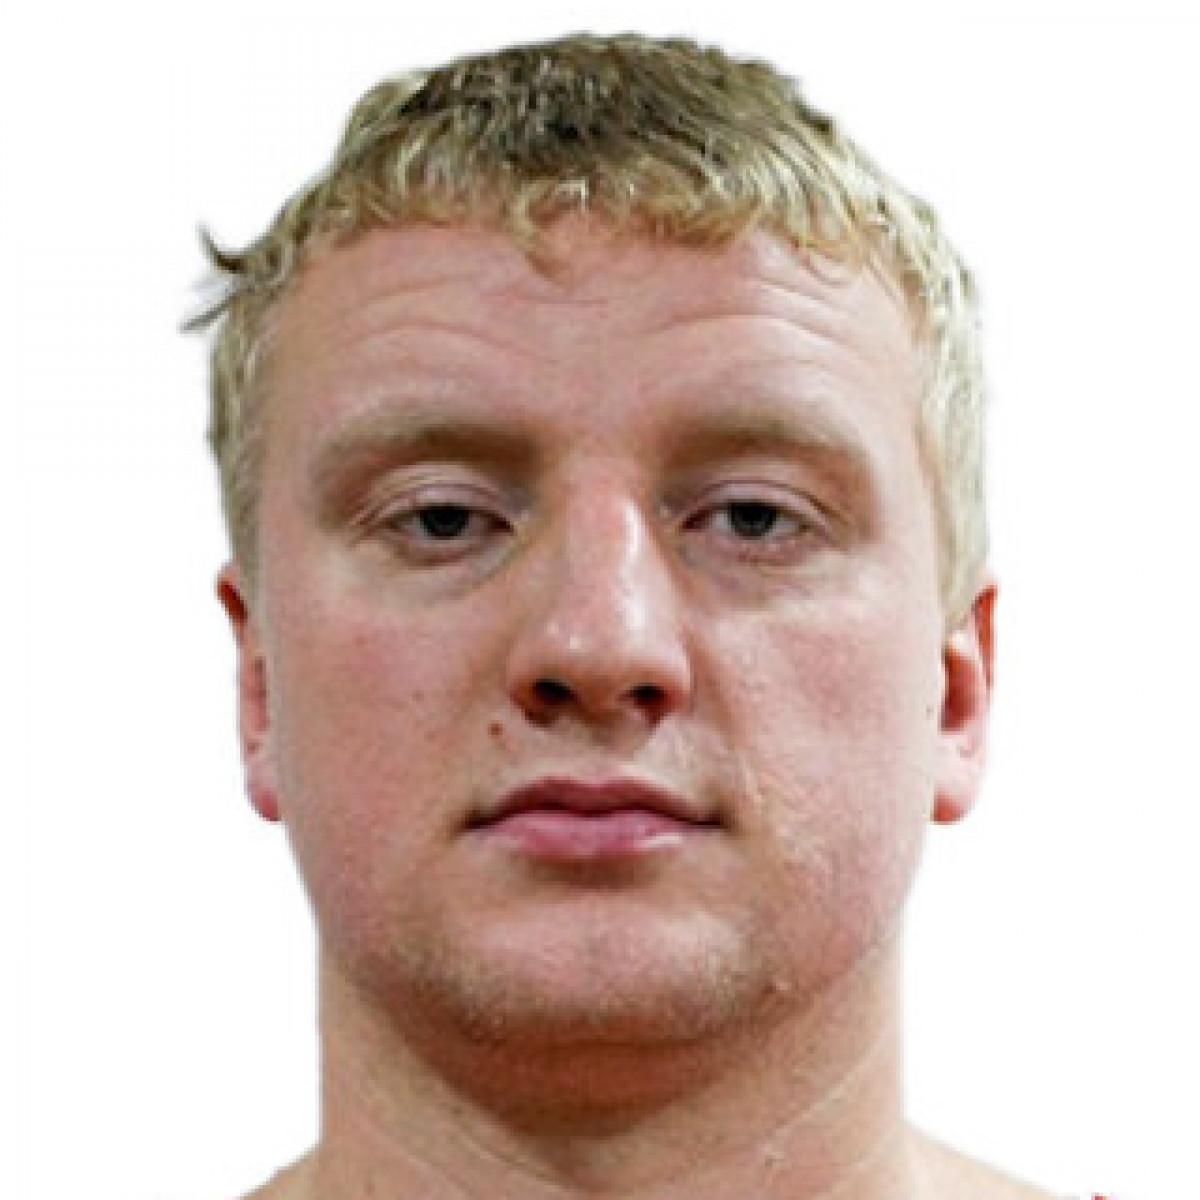 Kyryl Natyazhko